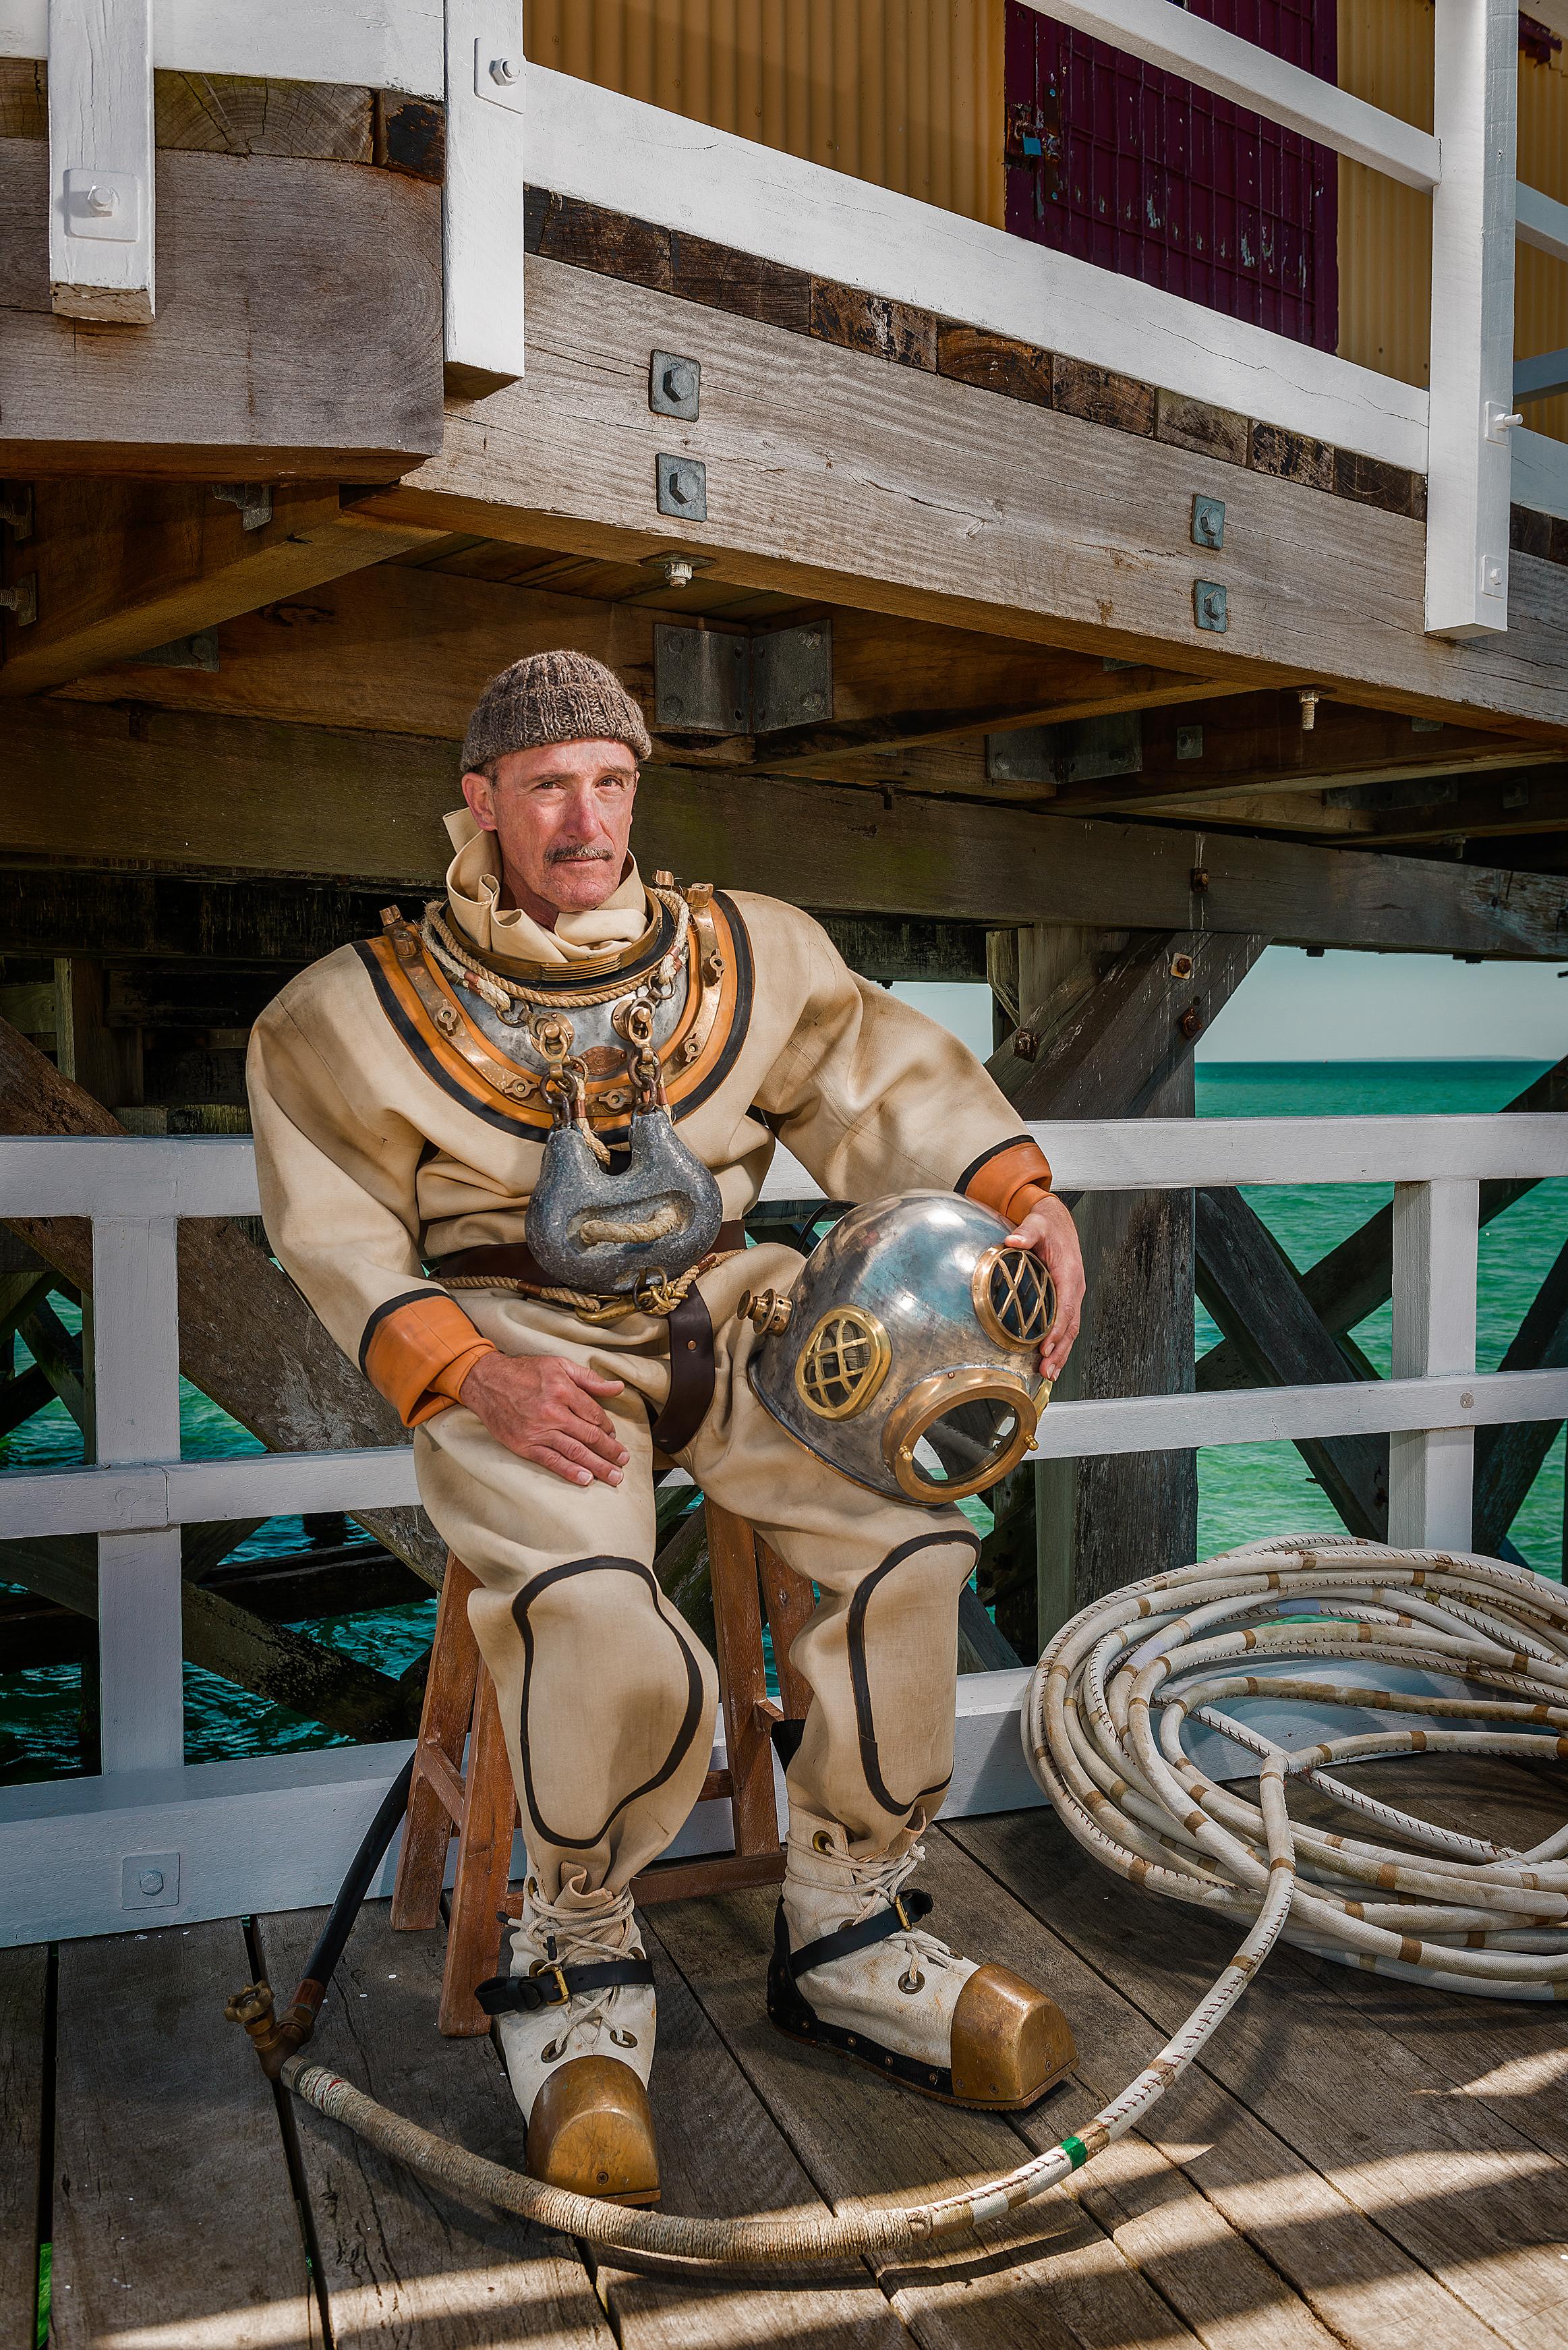 Standard Dress Diving Suit with Warren Jackman